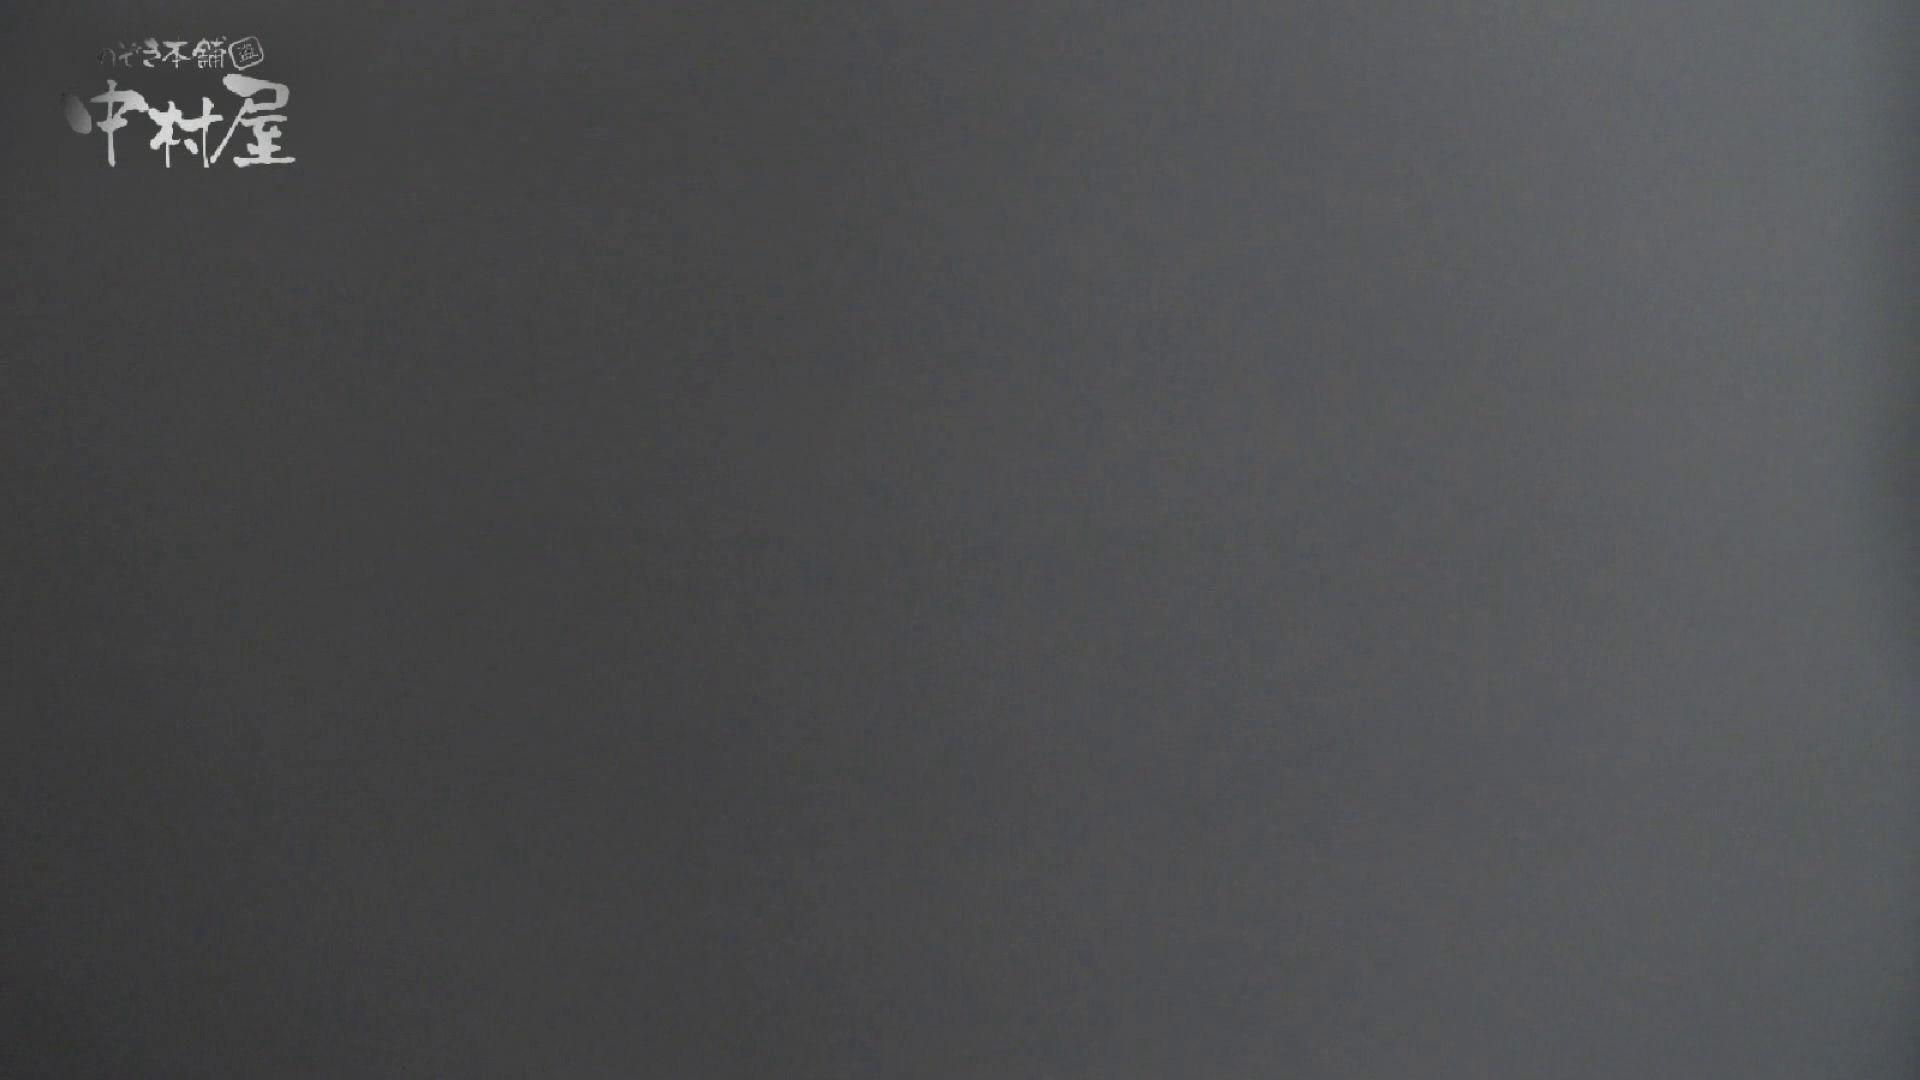 ▲期間限定D▲第三体育館潜入撮File032 進化4!機種変更!!全員現役。後編 美女 オメコ無修正動画無料 89連発 64